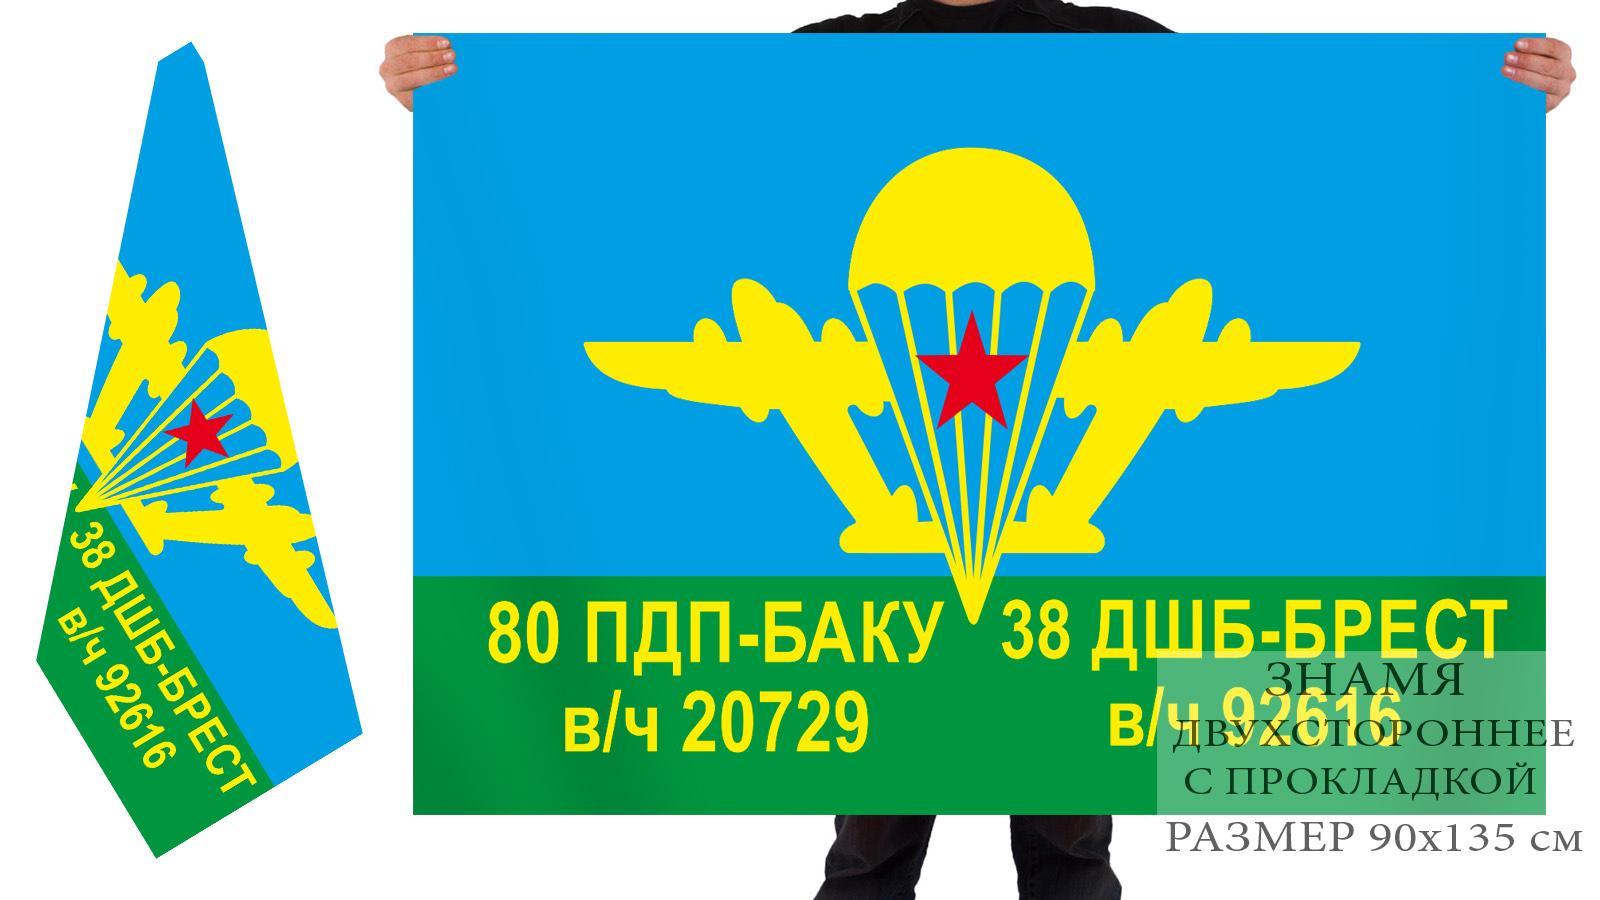 Двусторонний флаг 80 ПДП 38 ДШБ